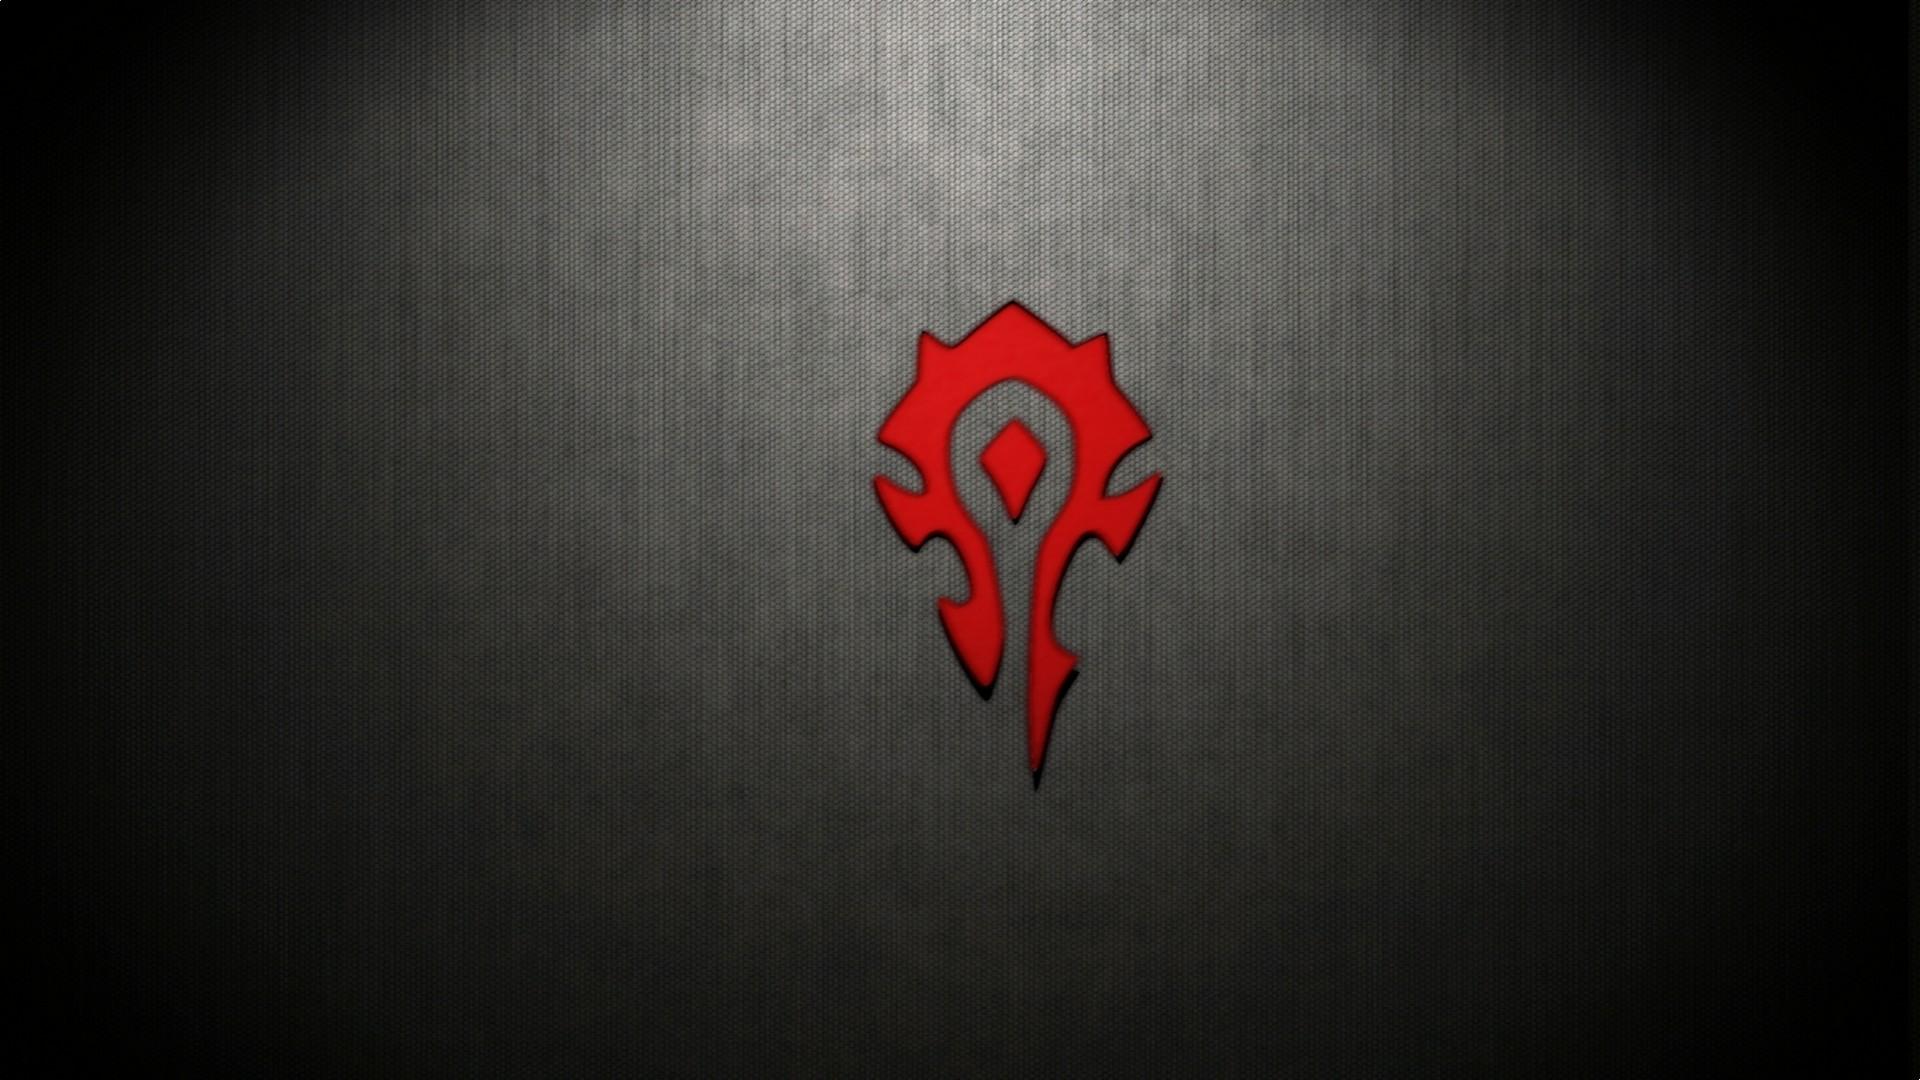 Browsing Wallpaper on DeviantArt 900×675 World Of Warcraft .